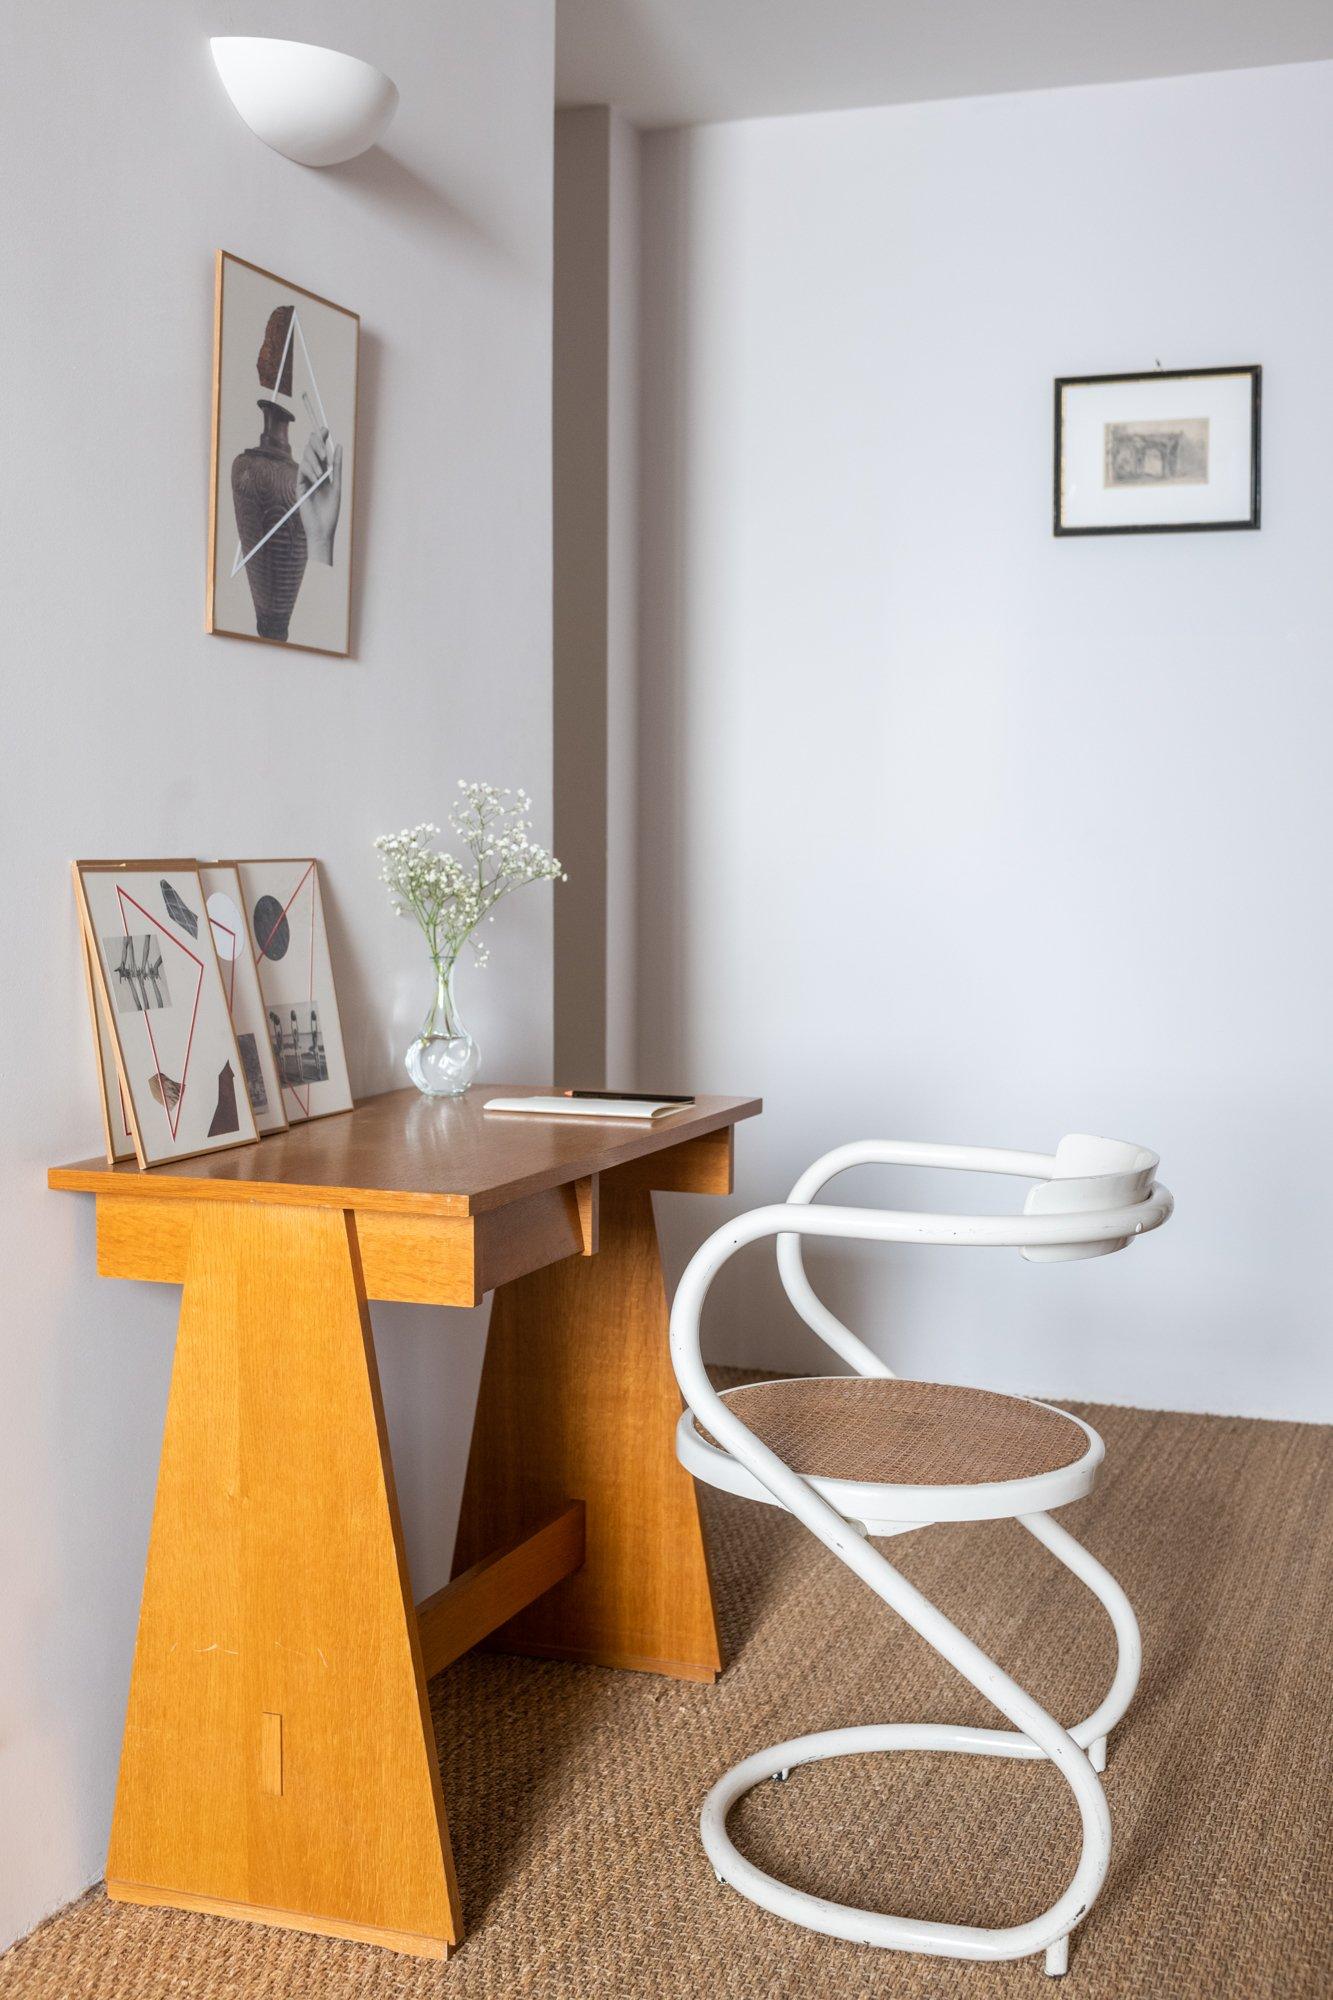 Galeriste Marchande des 4 saisons Anne Carpentier Chambre Bureau Maison hôtes Vaste Horizon Arles